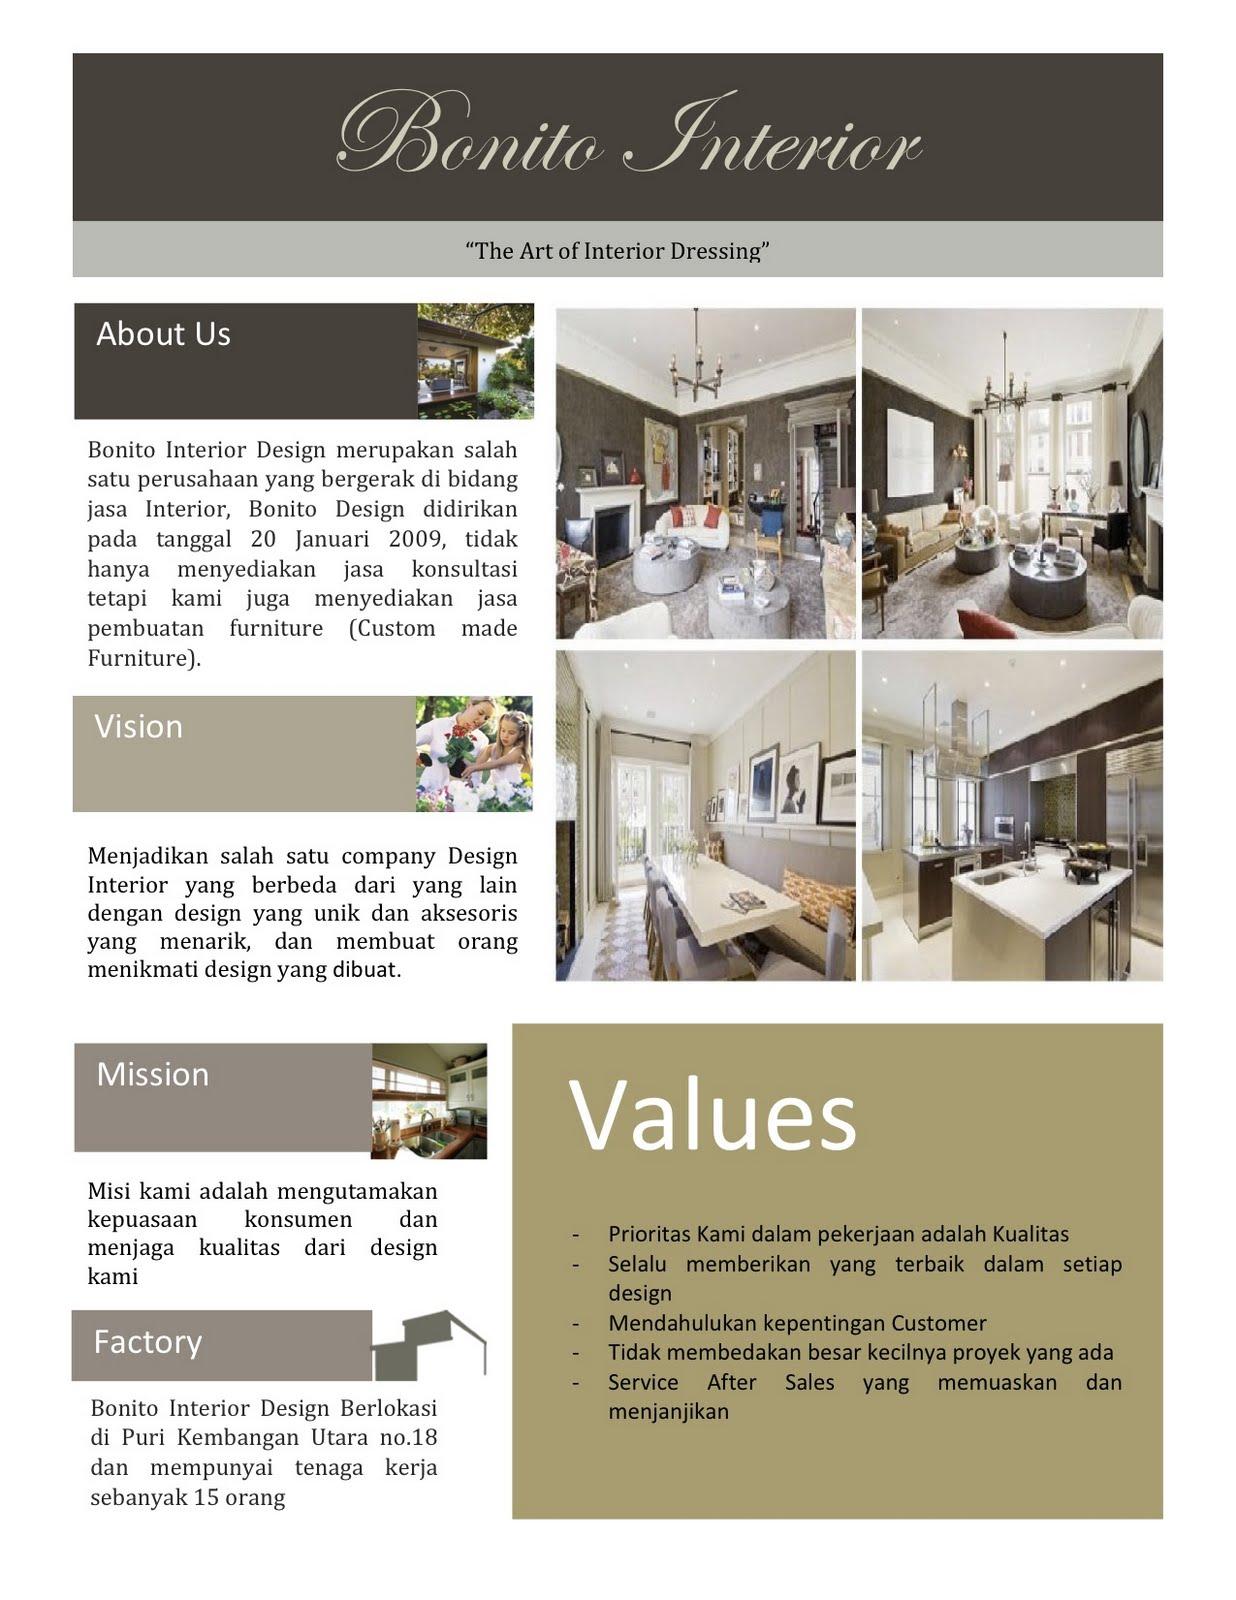 14 Design Client Profile Template Images - Interior Design ...